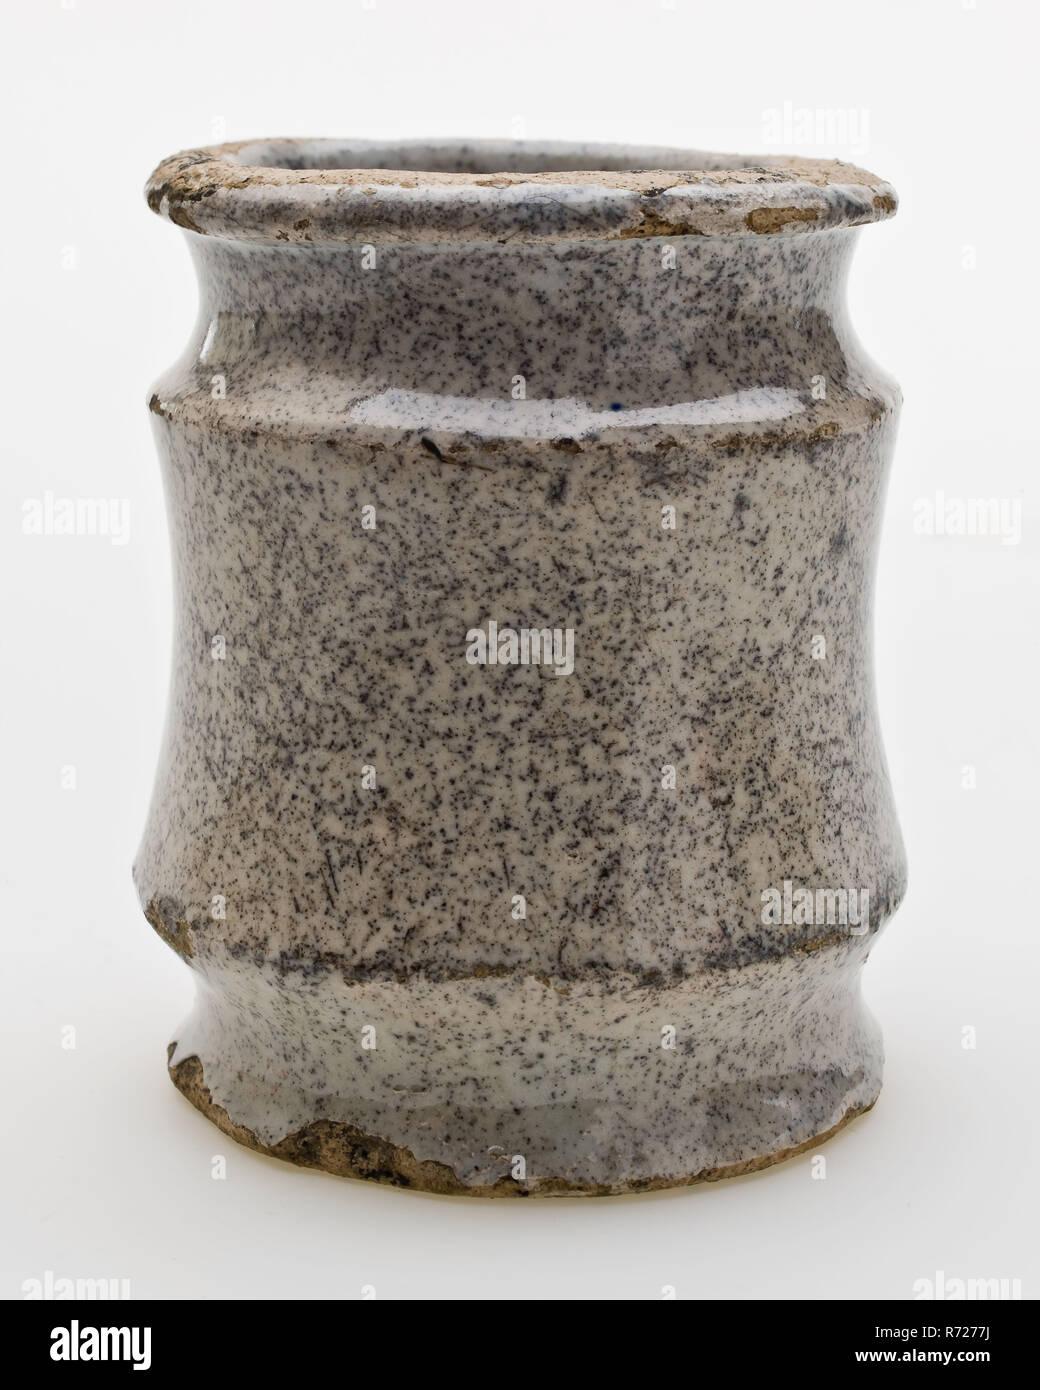 Couleur Porte Interieur Blanc Gris pot d'onguent de poterie, modèle haut, glacé avec pleine